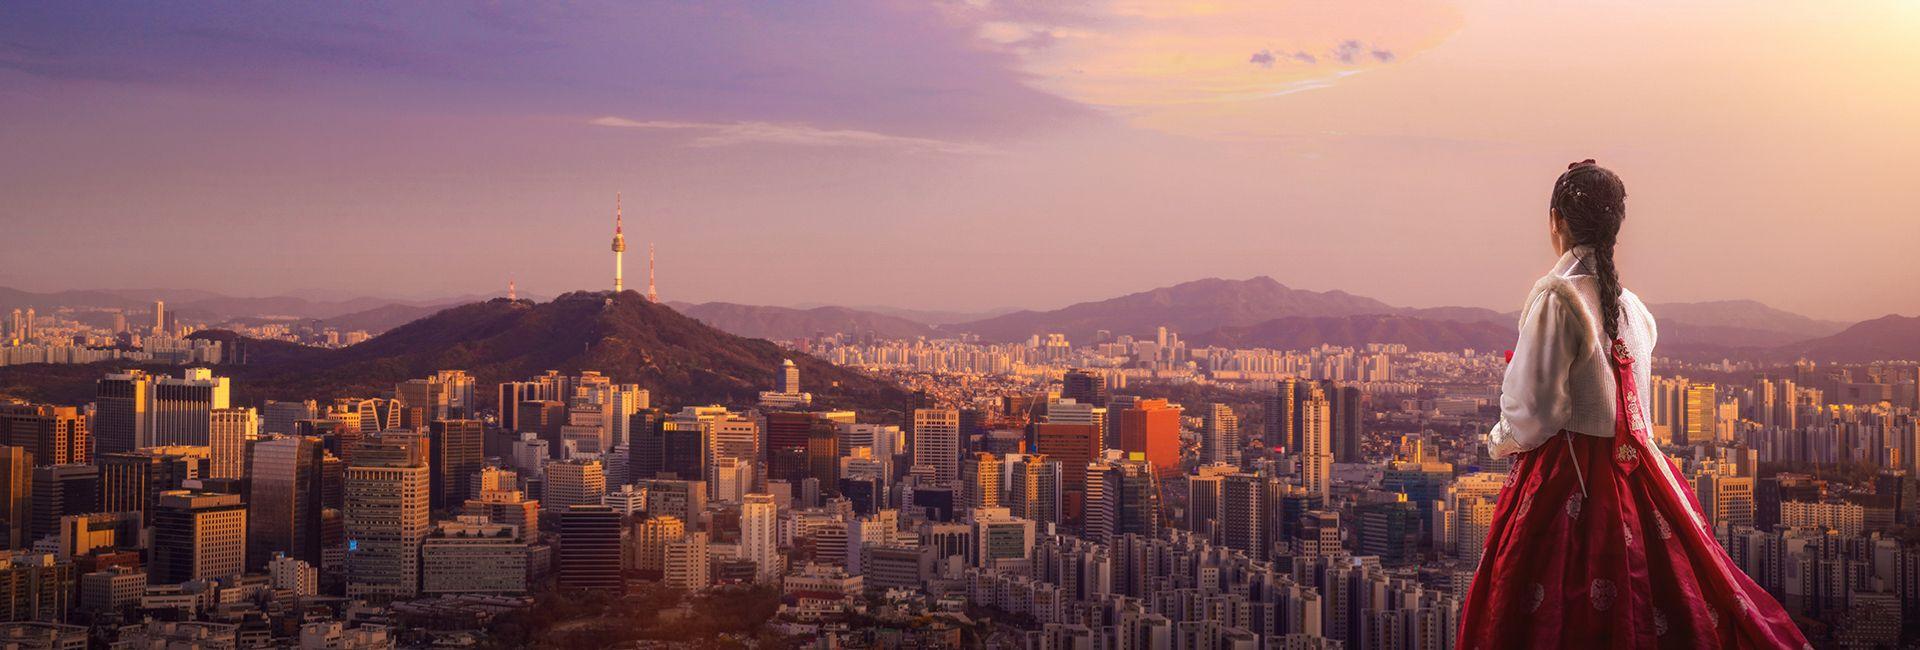 17 điều bạn nên thử khi đến thành phố Seoul